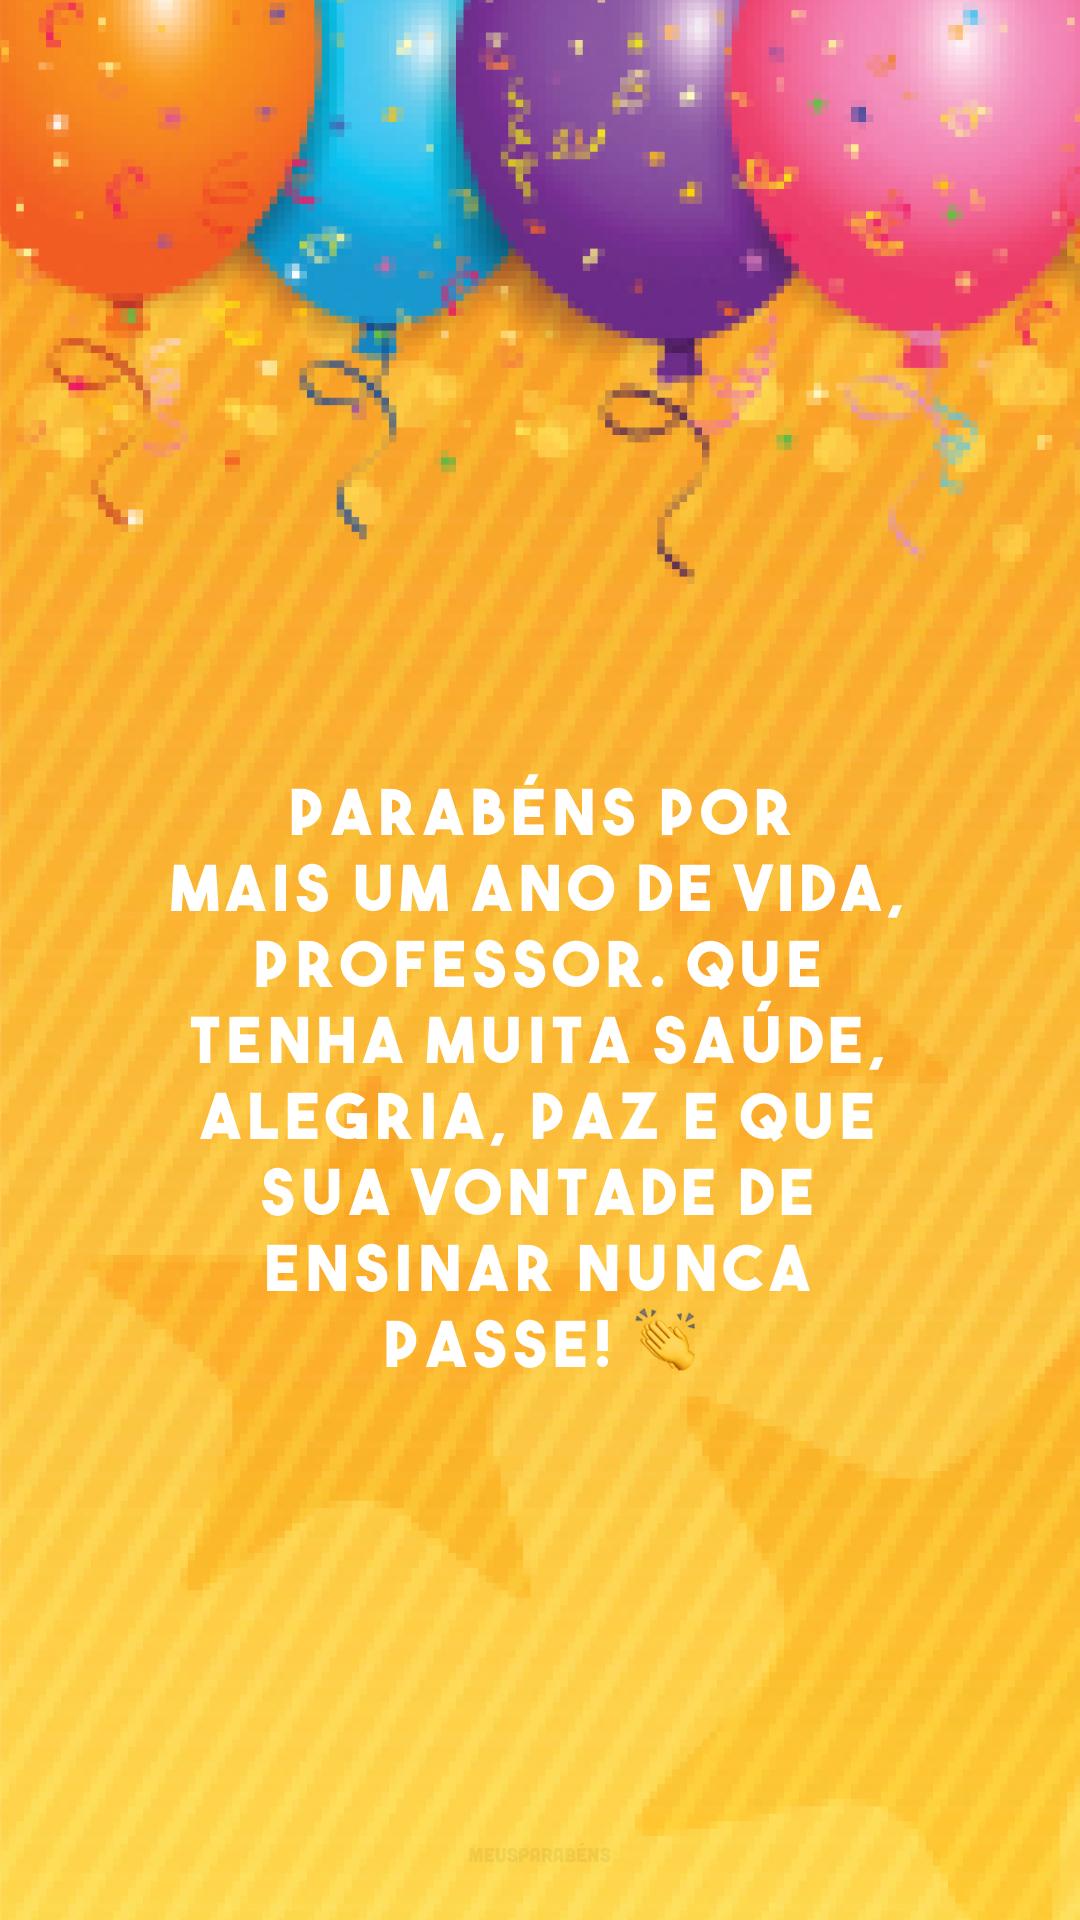 Parabéns por mais um ano de vida, professor. Que tenha muita saúde, alegria, paz e que sua vontade de ensinar nunca passe! 👏